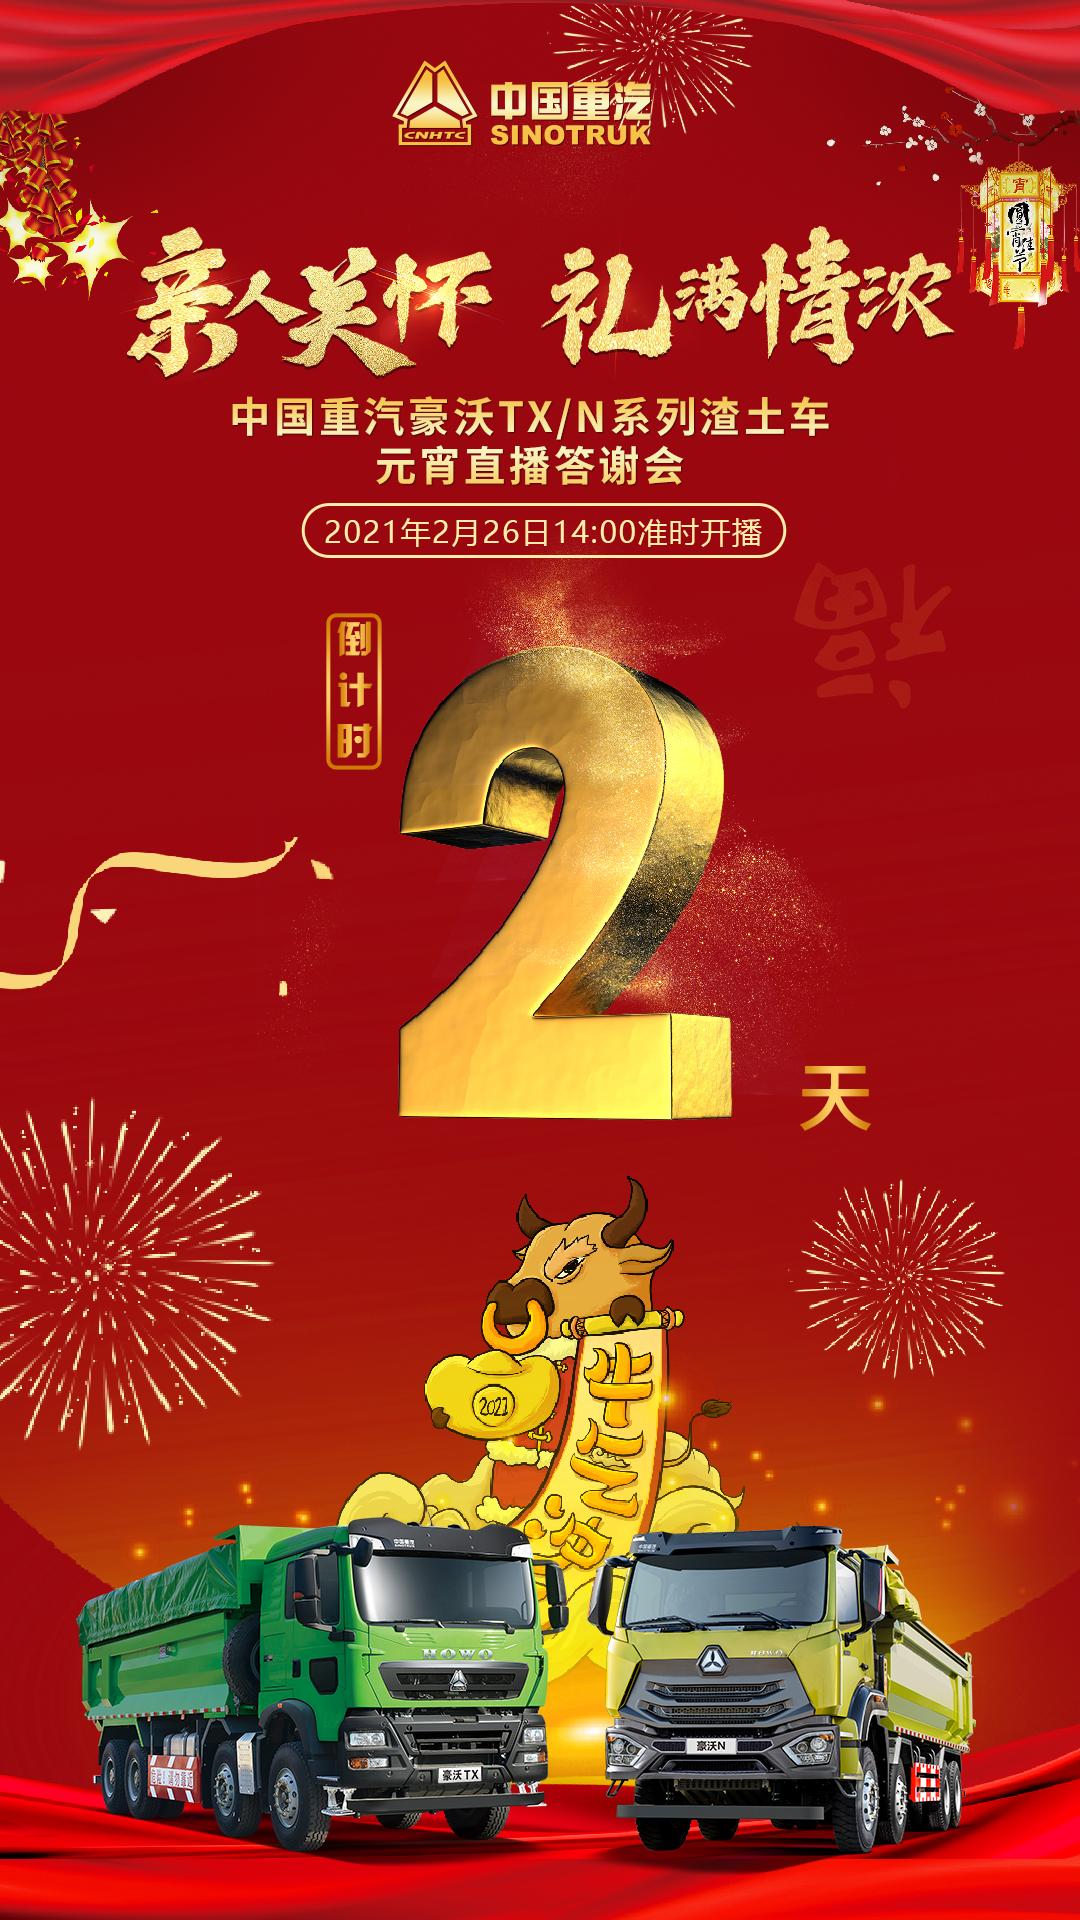 中国重汽豪沃TX/N系列渣土车元宵直播答谢会倒计时2天!